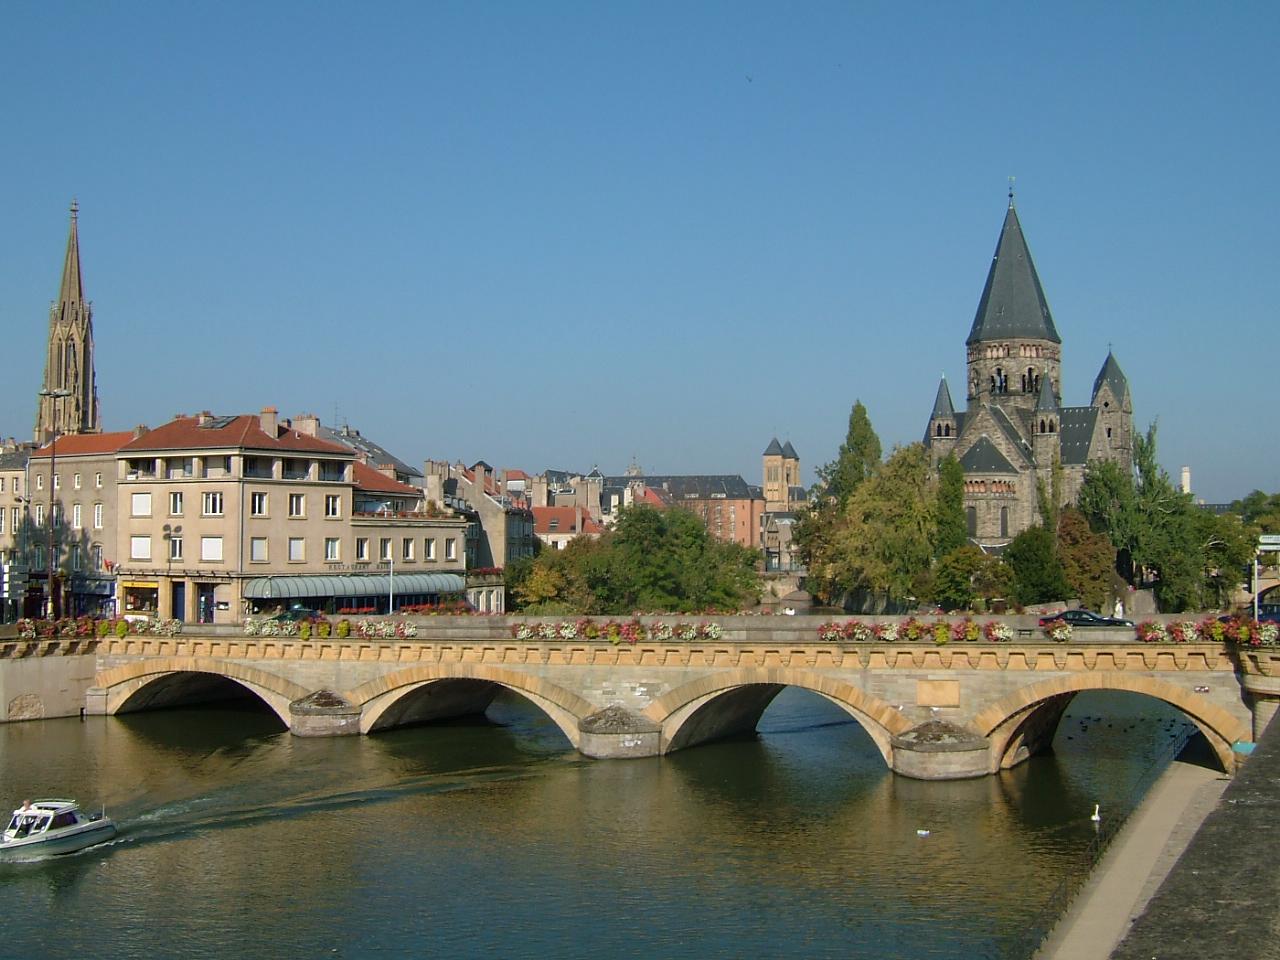 Metz_Pont_Moyen